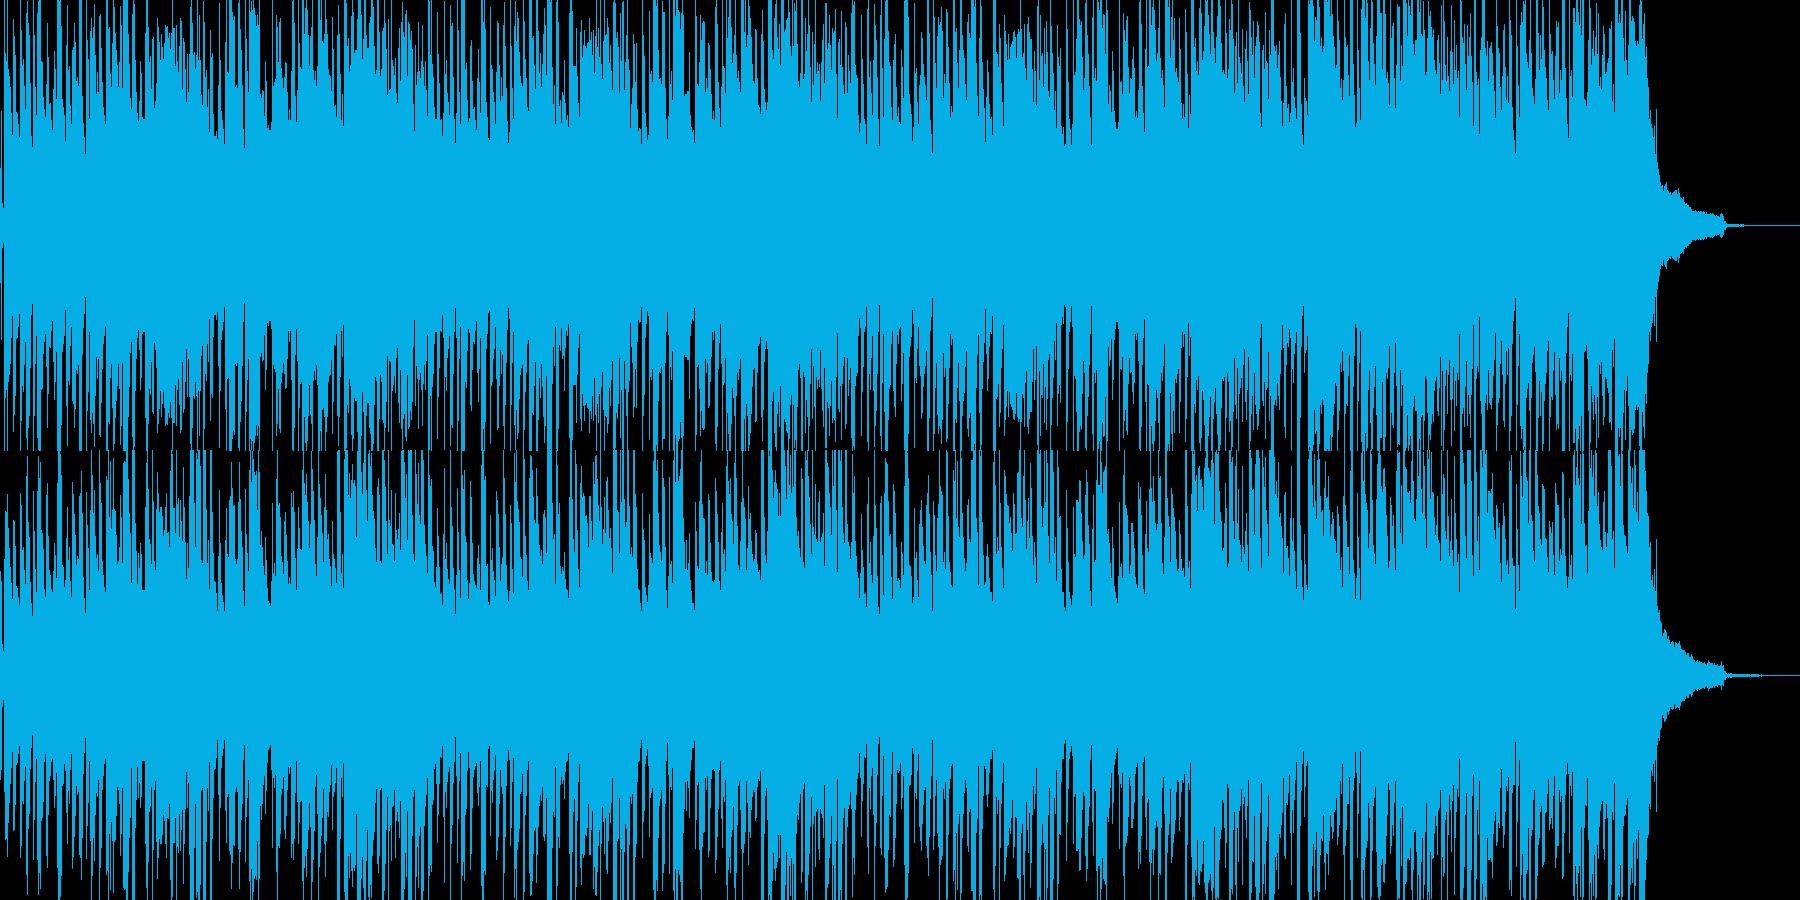 シンプルなピアノトリオ・ジャズのBGMの再生済みの波形